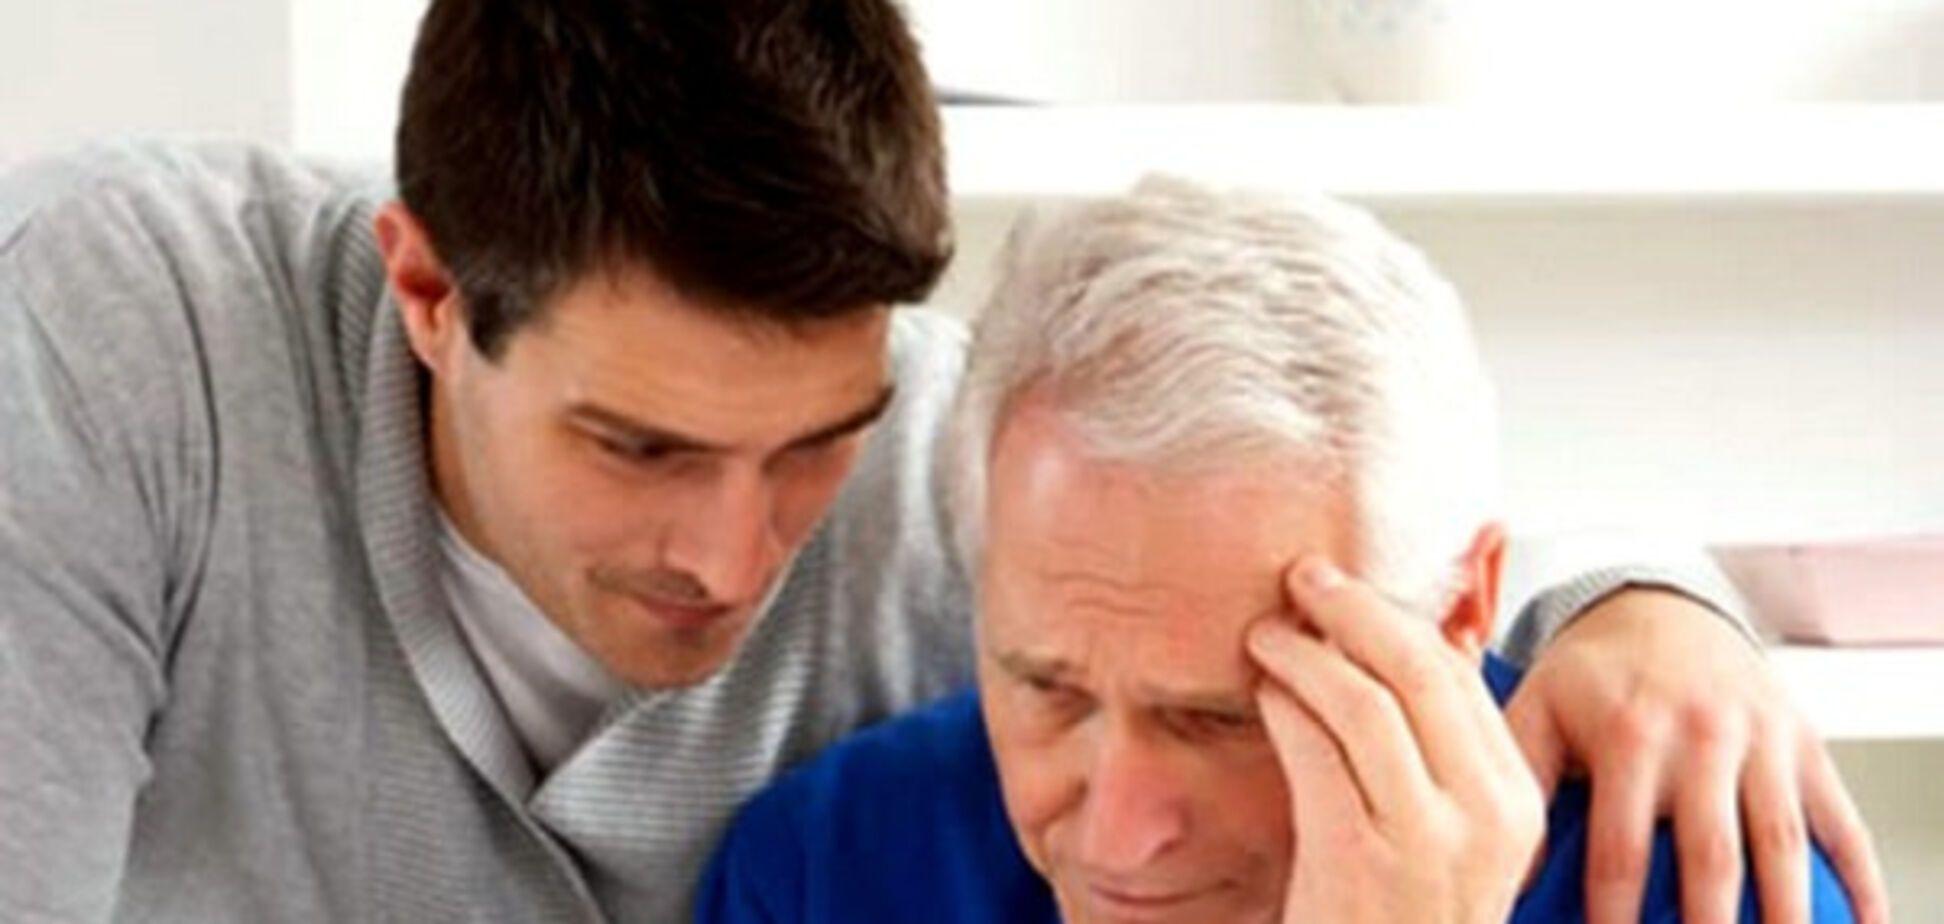 Медики назвали 'молодой' предвестник болезни Альцгеймера: пройти быстрый тест